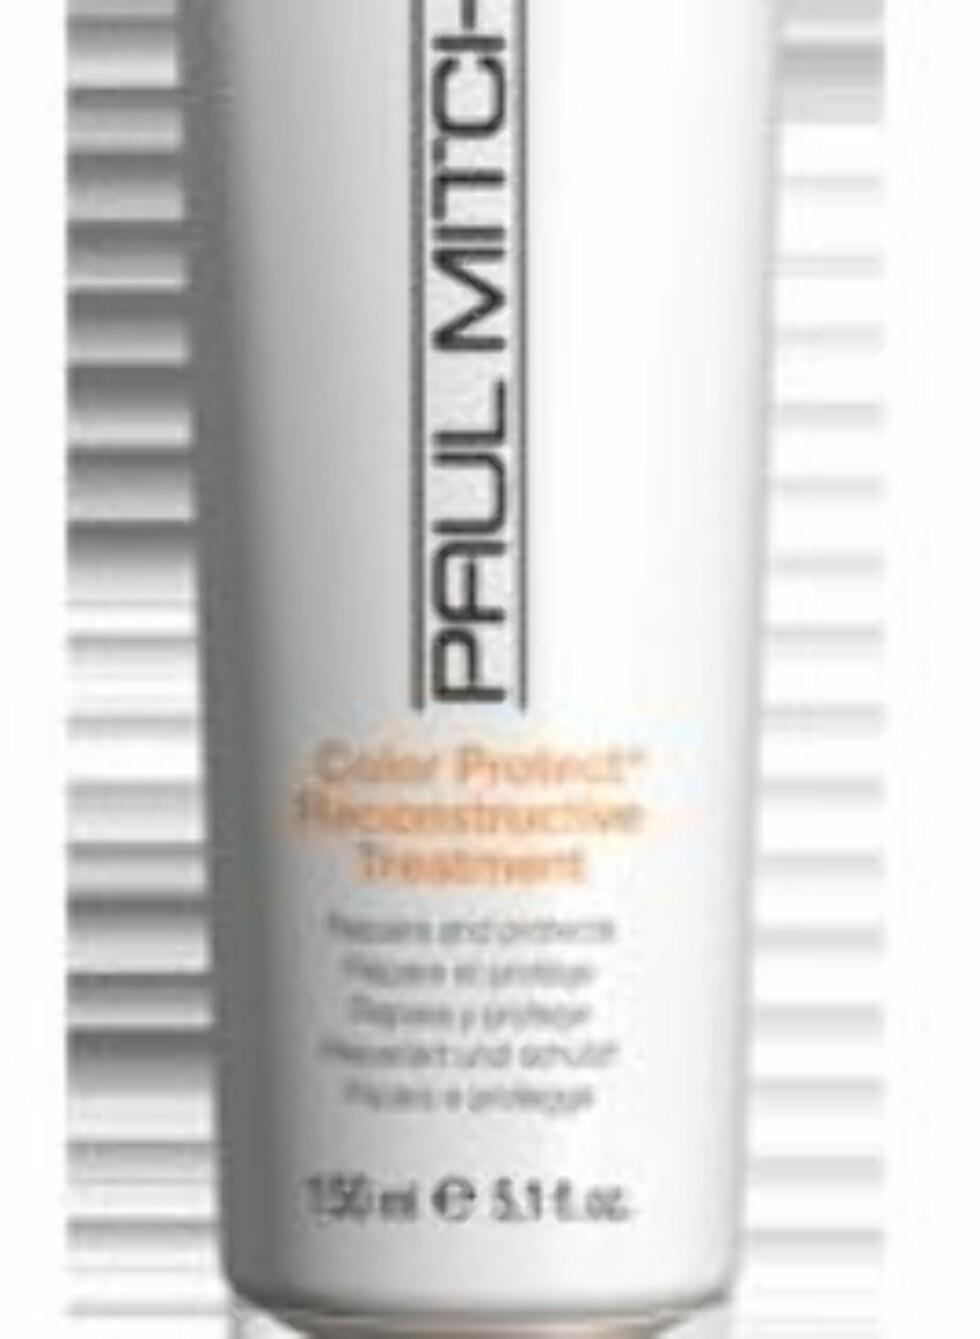 Paul Mitchell Color Protect Reconstructive Treatment er en reparerende kur som også beskytter håret mot solbleking, mekanisk slitasje og splitting av hårspissene, veil. kr 256. Foto: Produsenten